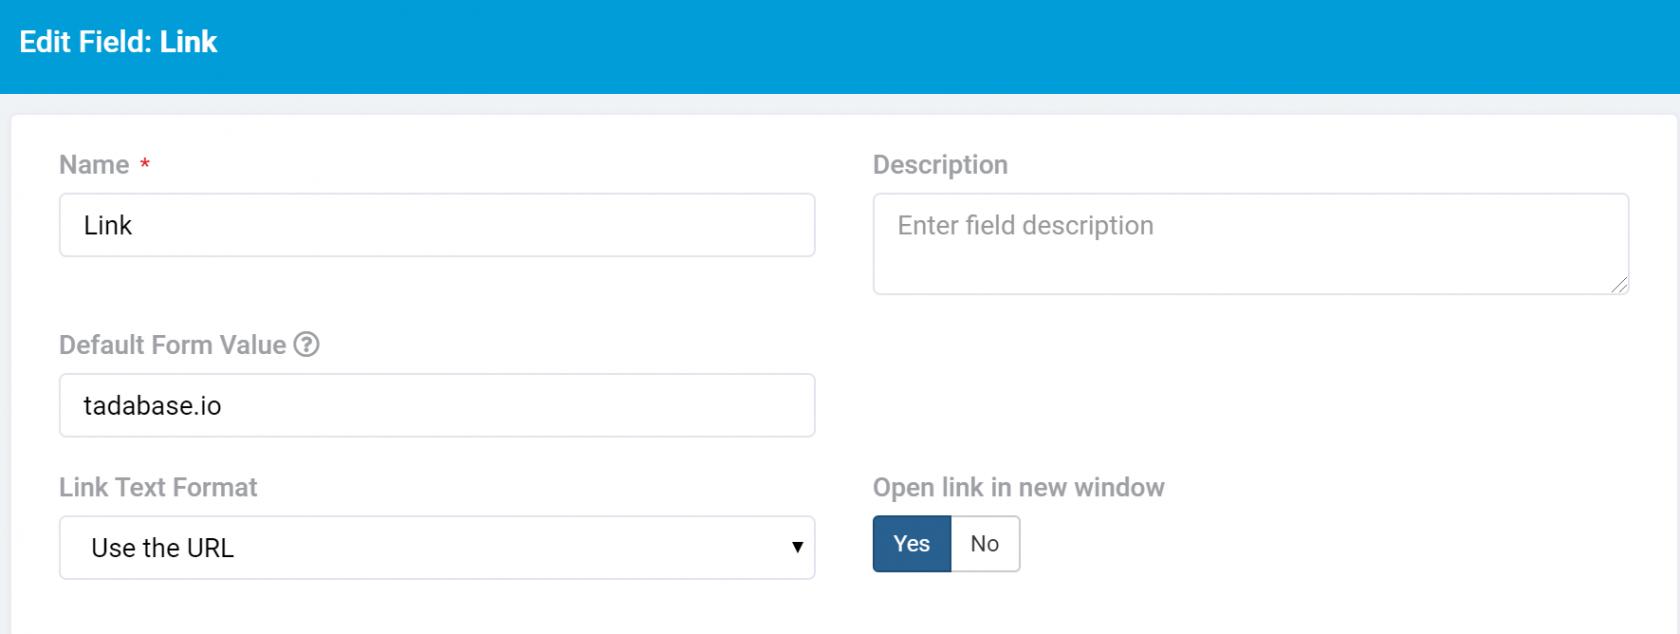 link-field-default-form-value.png